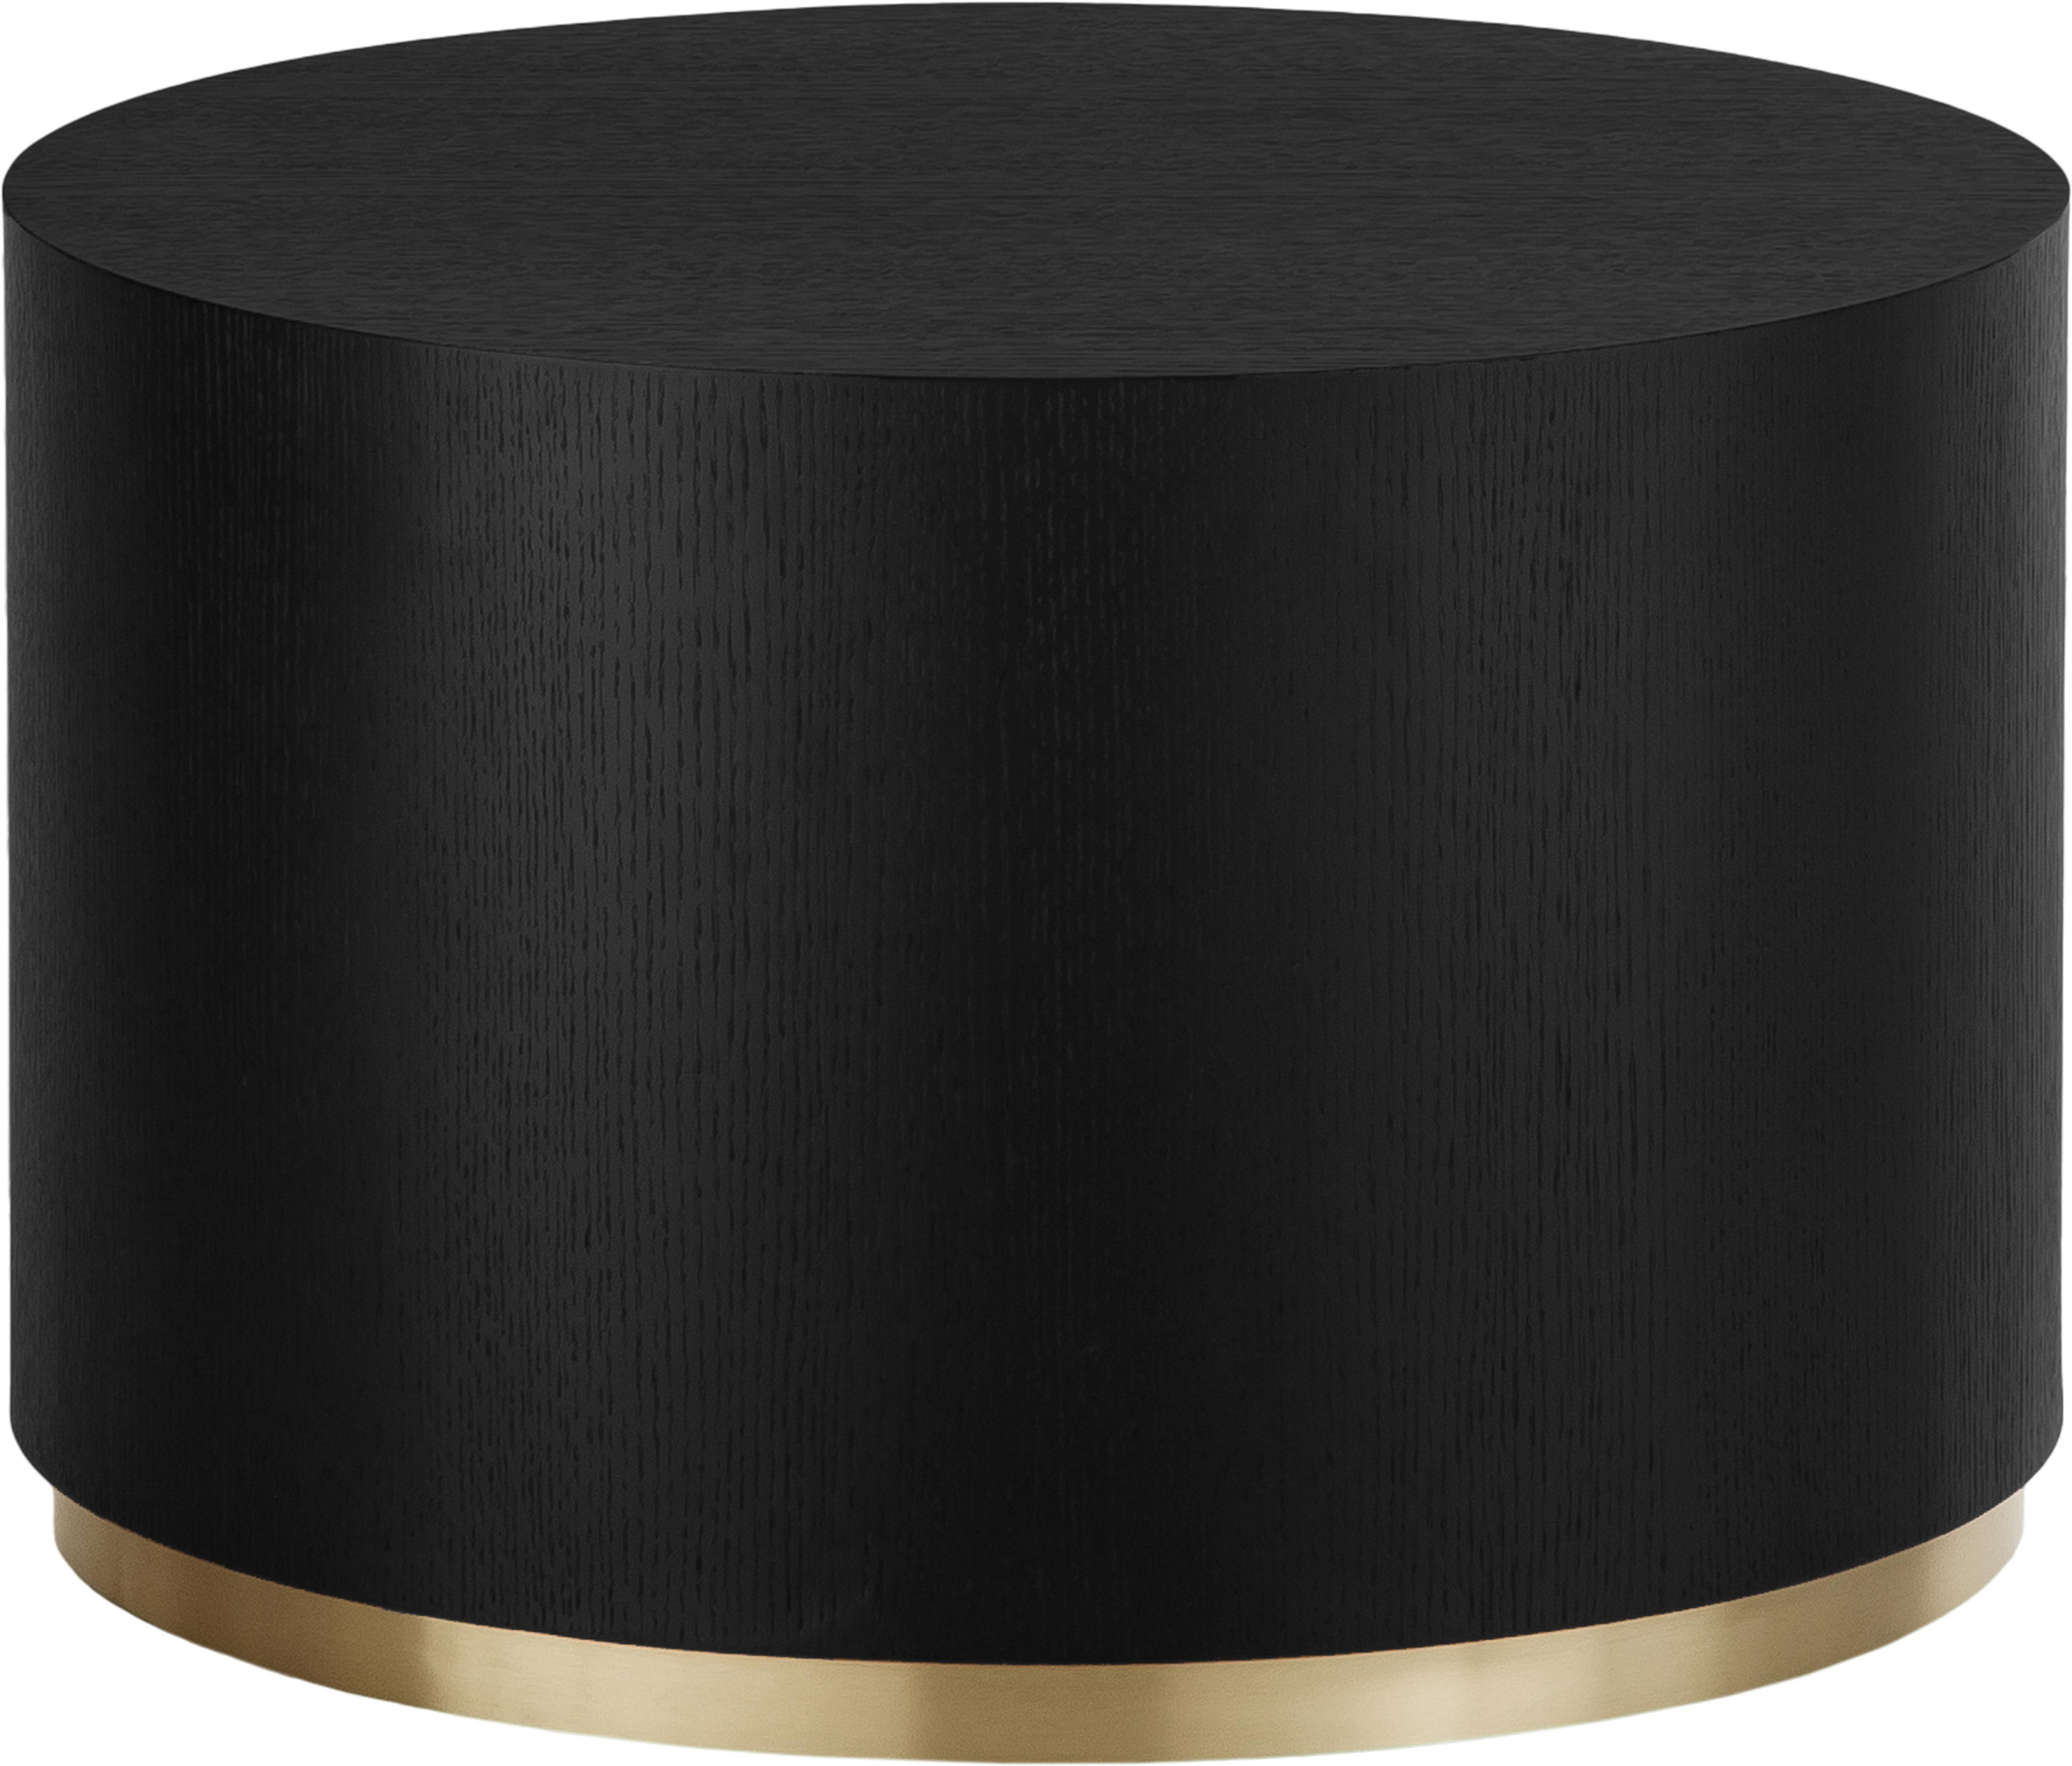 Tavolino da salotto rotondo color nero Clarice, Corpo: legno di frassino, nero verniciato Base: dorato, Ø 60 x Alt. 40 cm